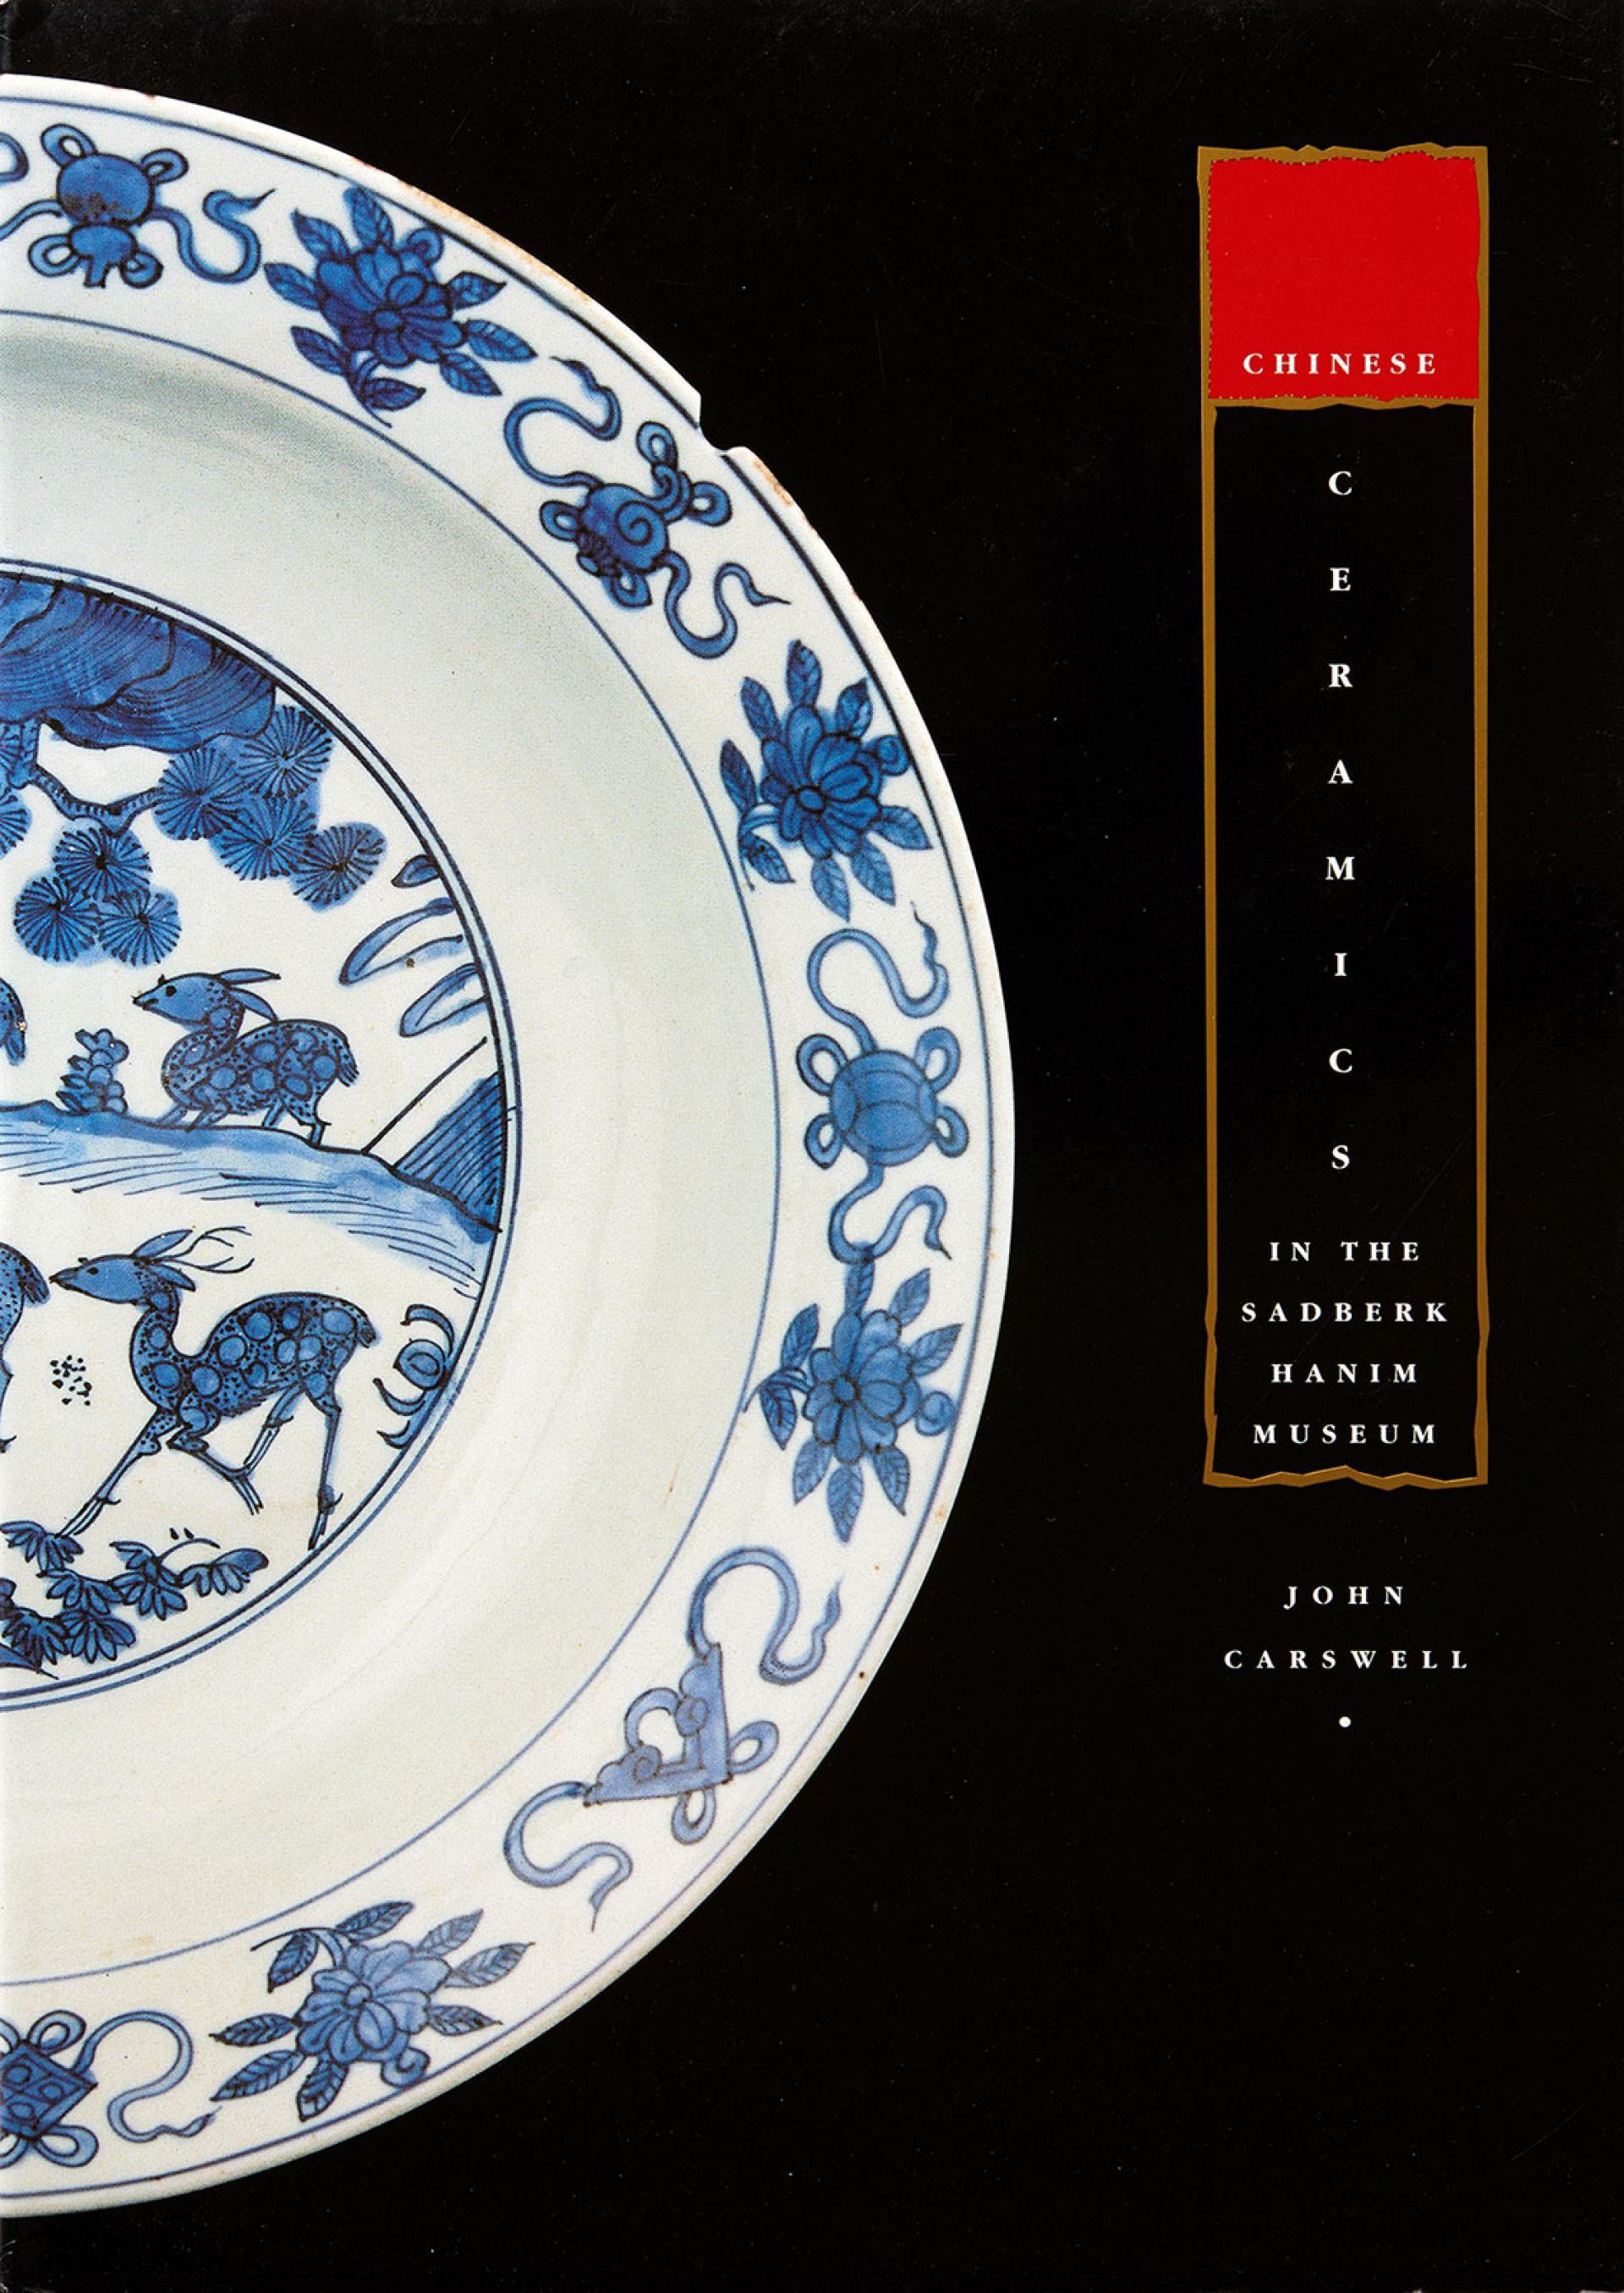 Chinese Ceramics in the Sadberk Hanım Museum - KİTAPLAR - Sadberk Hanım Müzesi